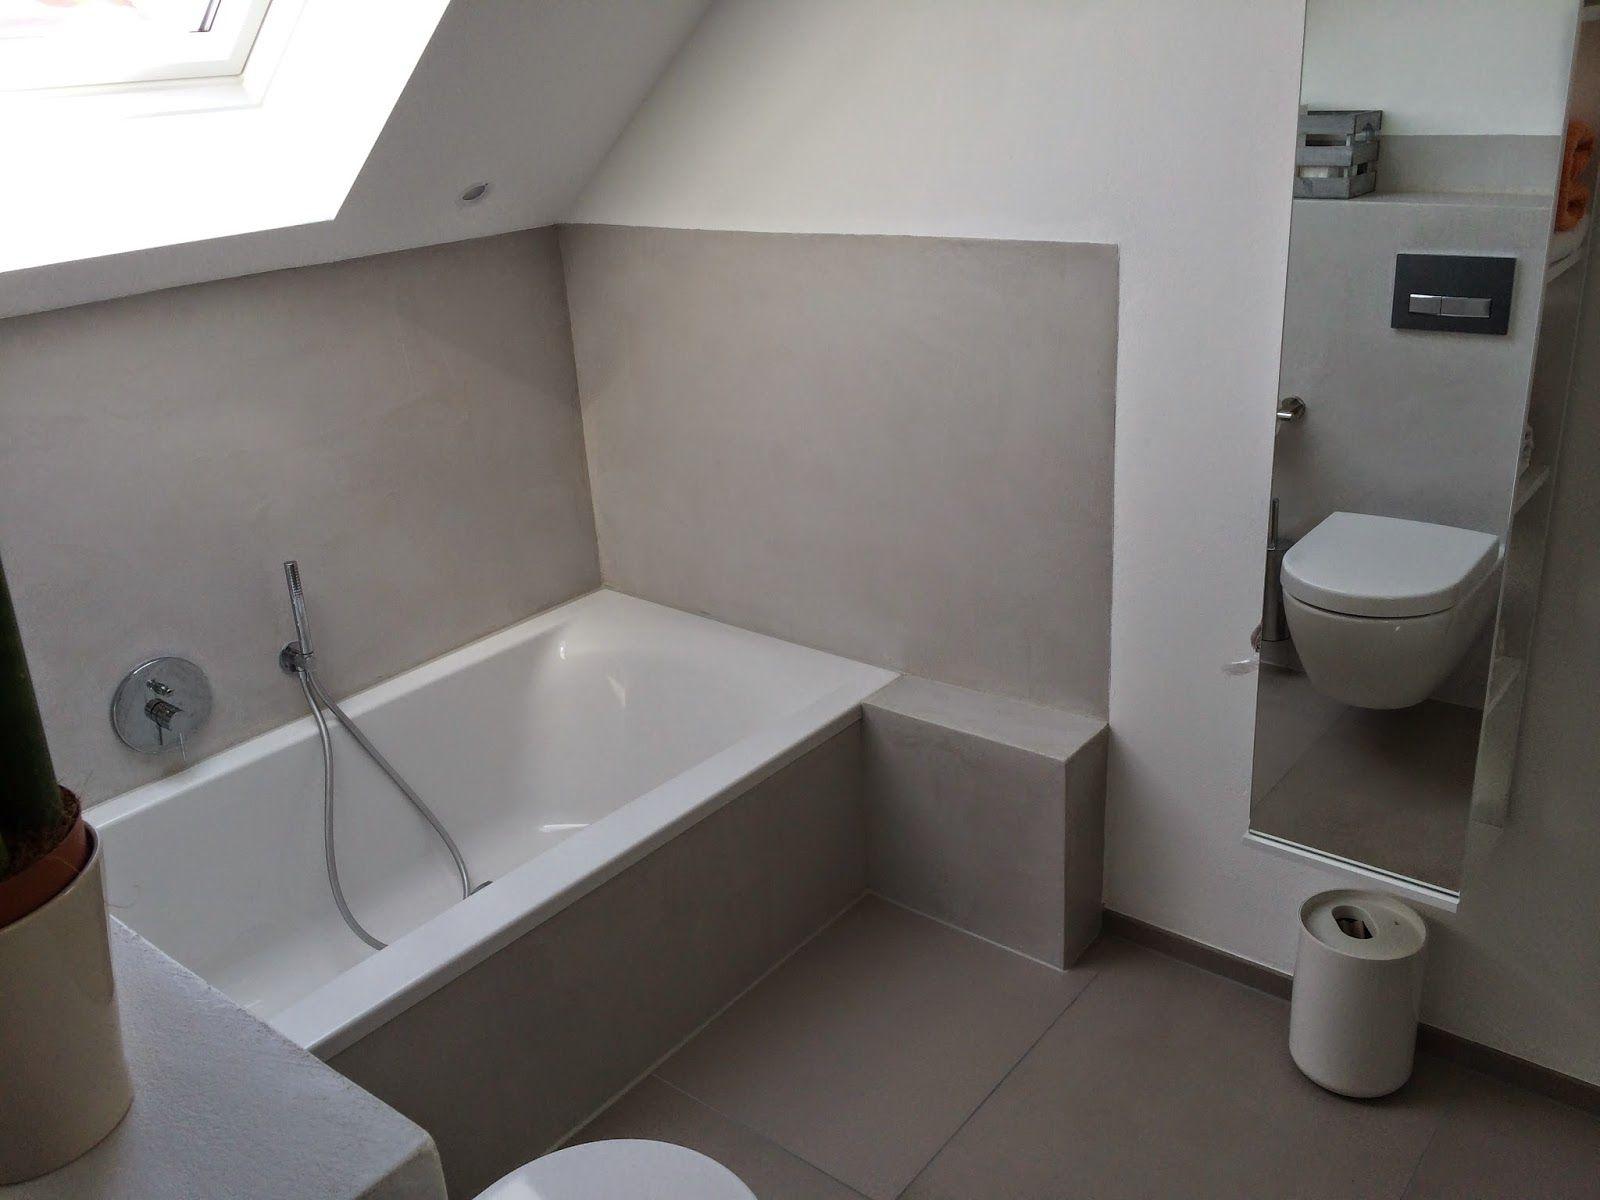 Badezimmer Kosten ~ Bd badezimmer am besten moderne möbel und design ideen tipps